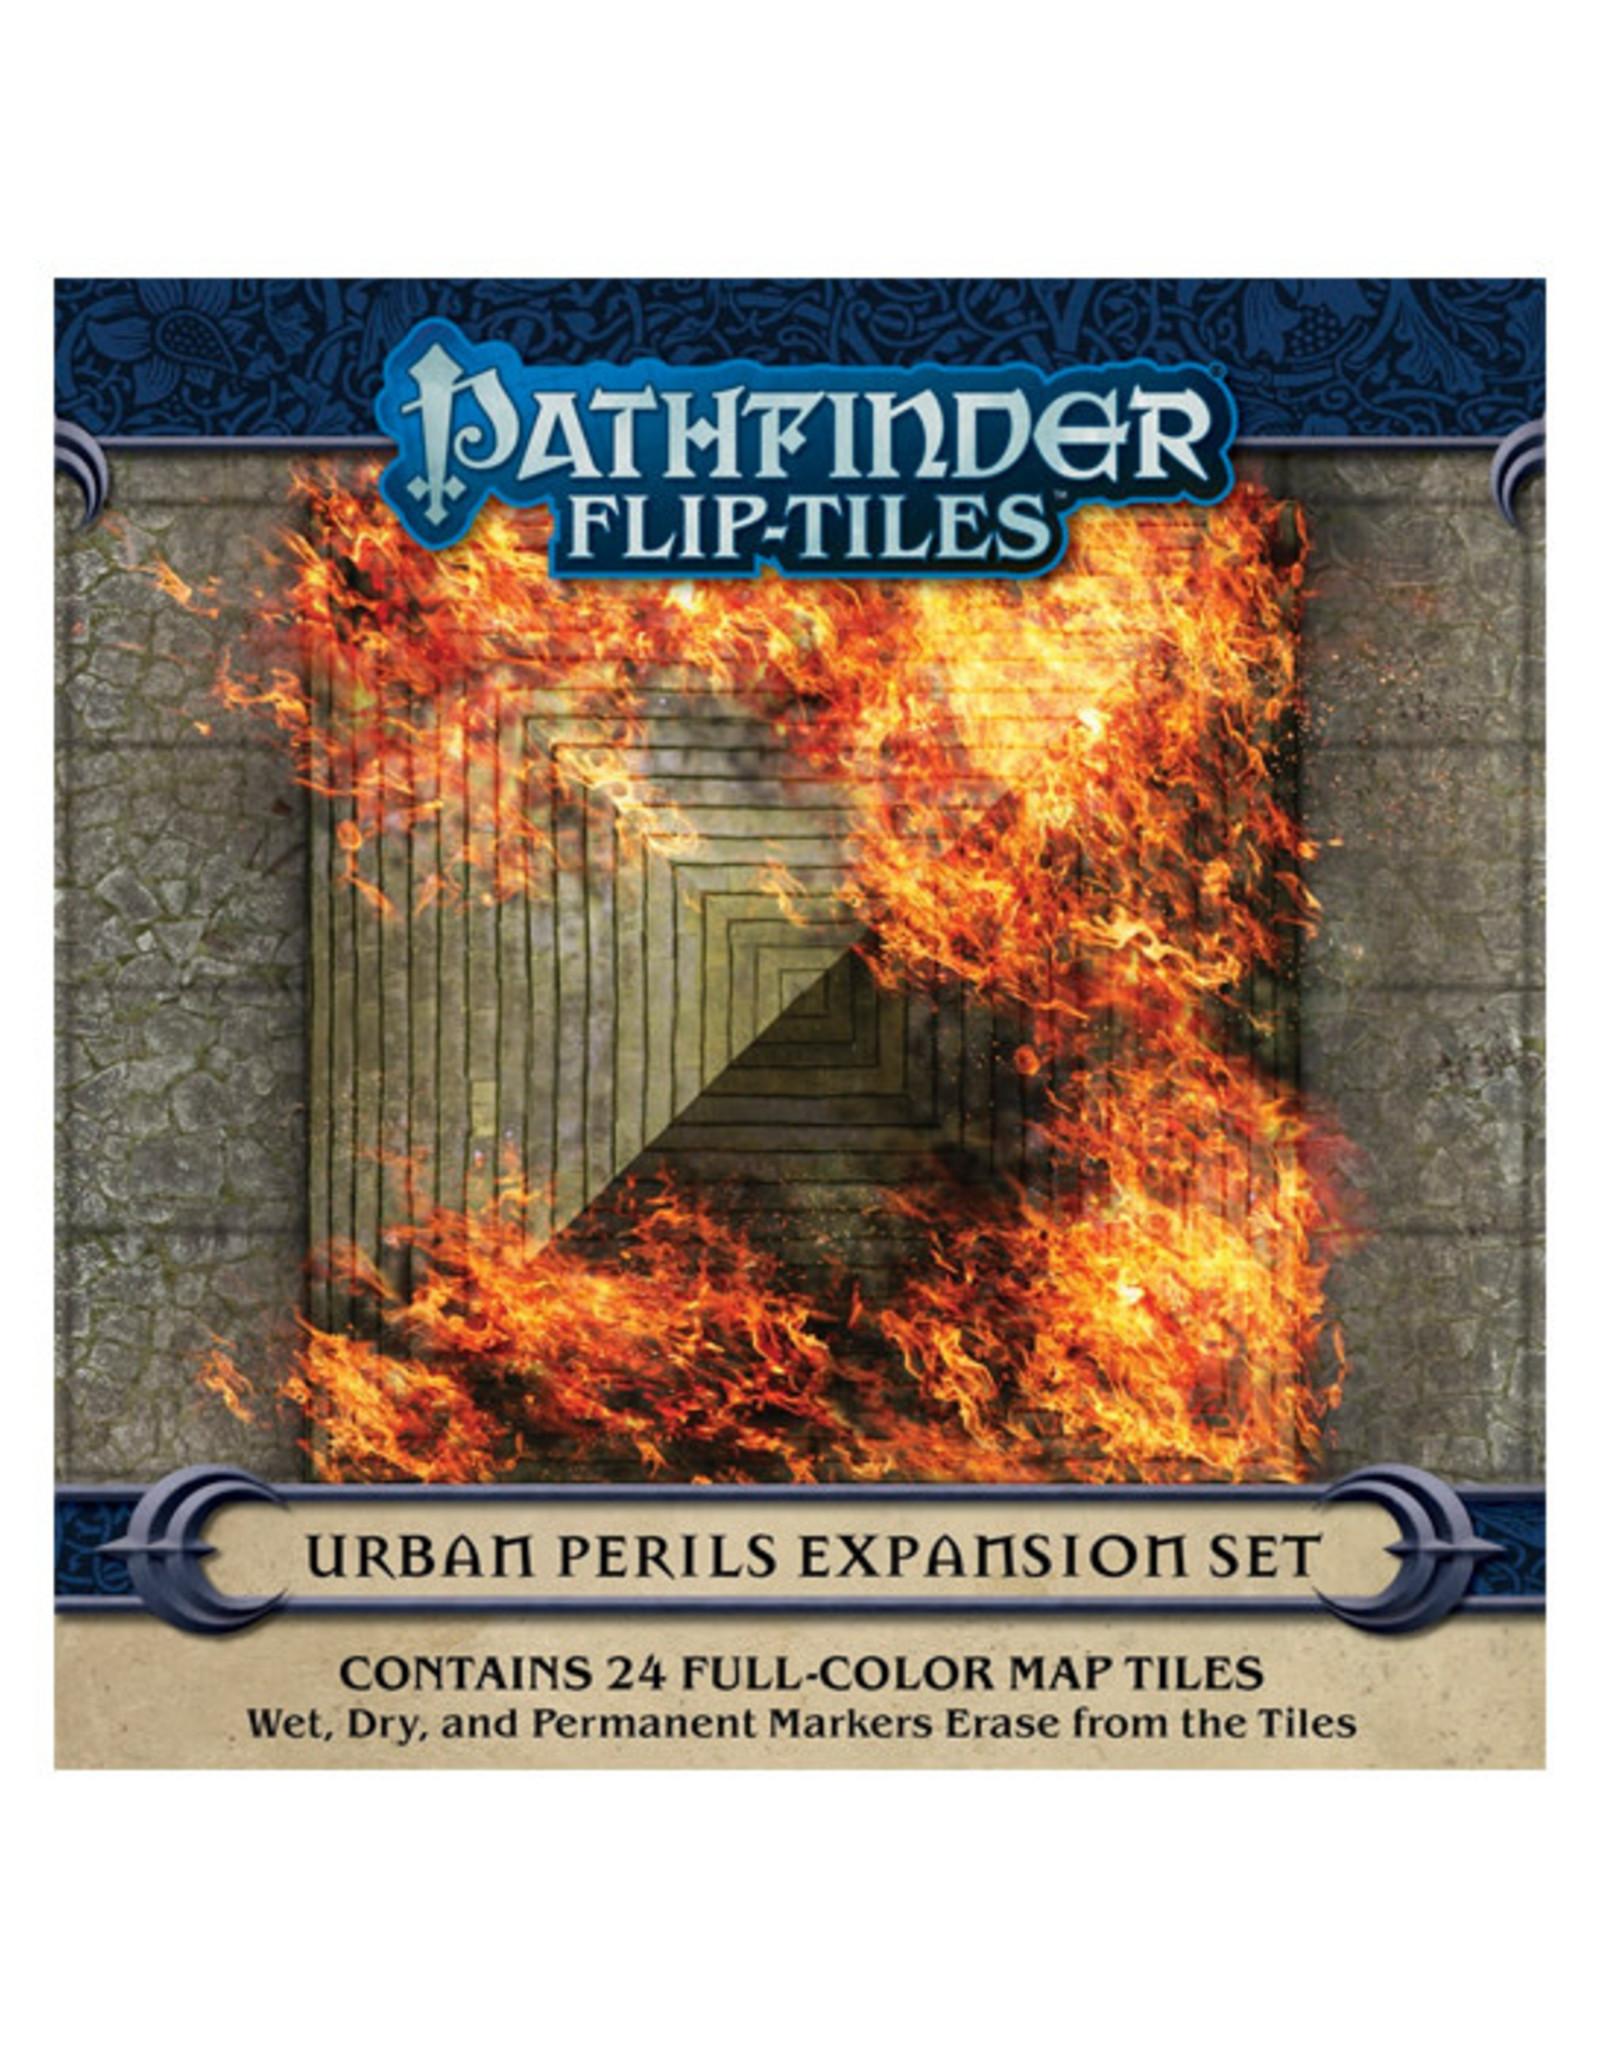 Pathfinder Pathfinder: Flip-Tiles - Urban Perils Expansion Set